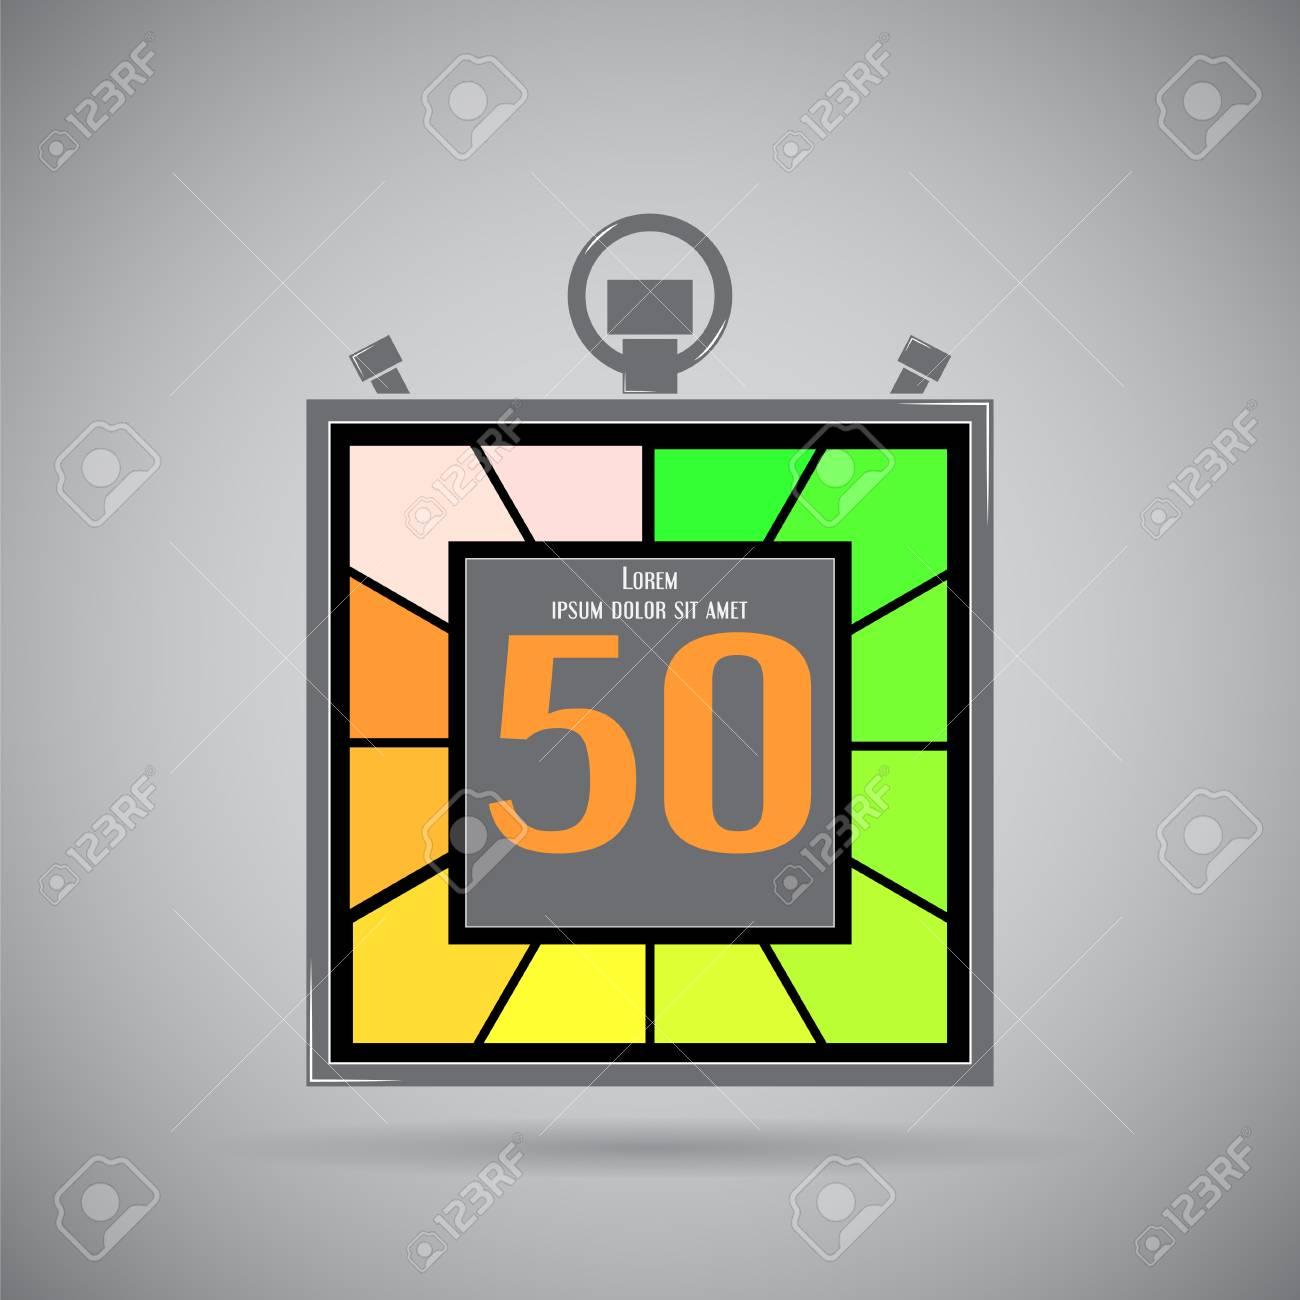 Icono electrónico cronómetro. Temporizador Square. Cincuenta segundos.  Reloj de cocina. Estilo Diseño plano. Hecho en la ilustración vectorial